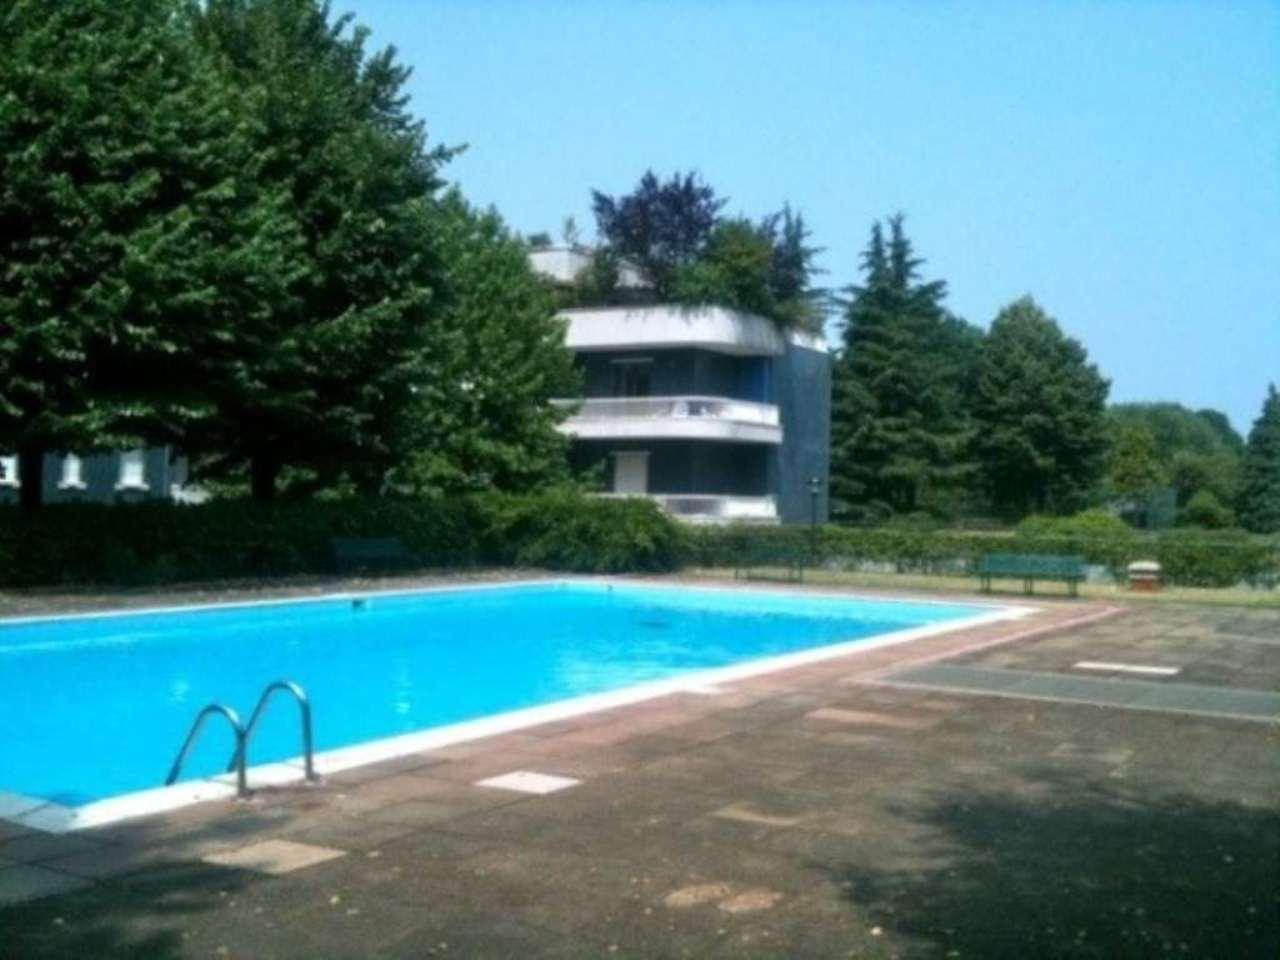 Appartamento in vendita a Cassina de' Pecchi, 3 locali, prezzo € 190.000 | CambioCasa.it